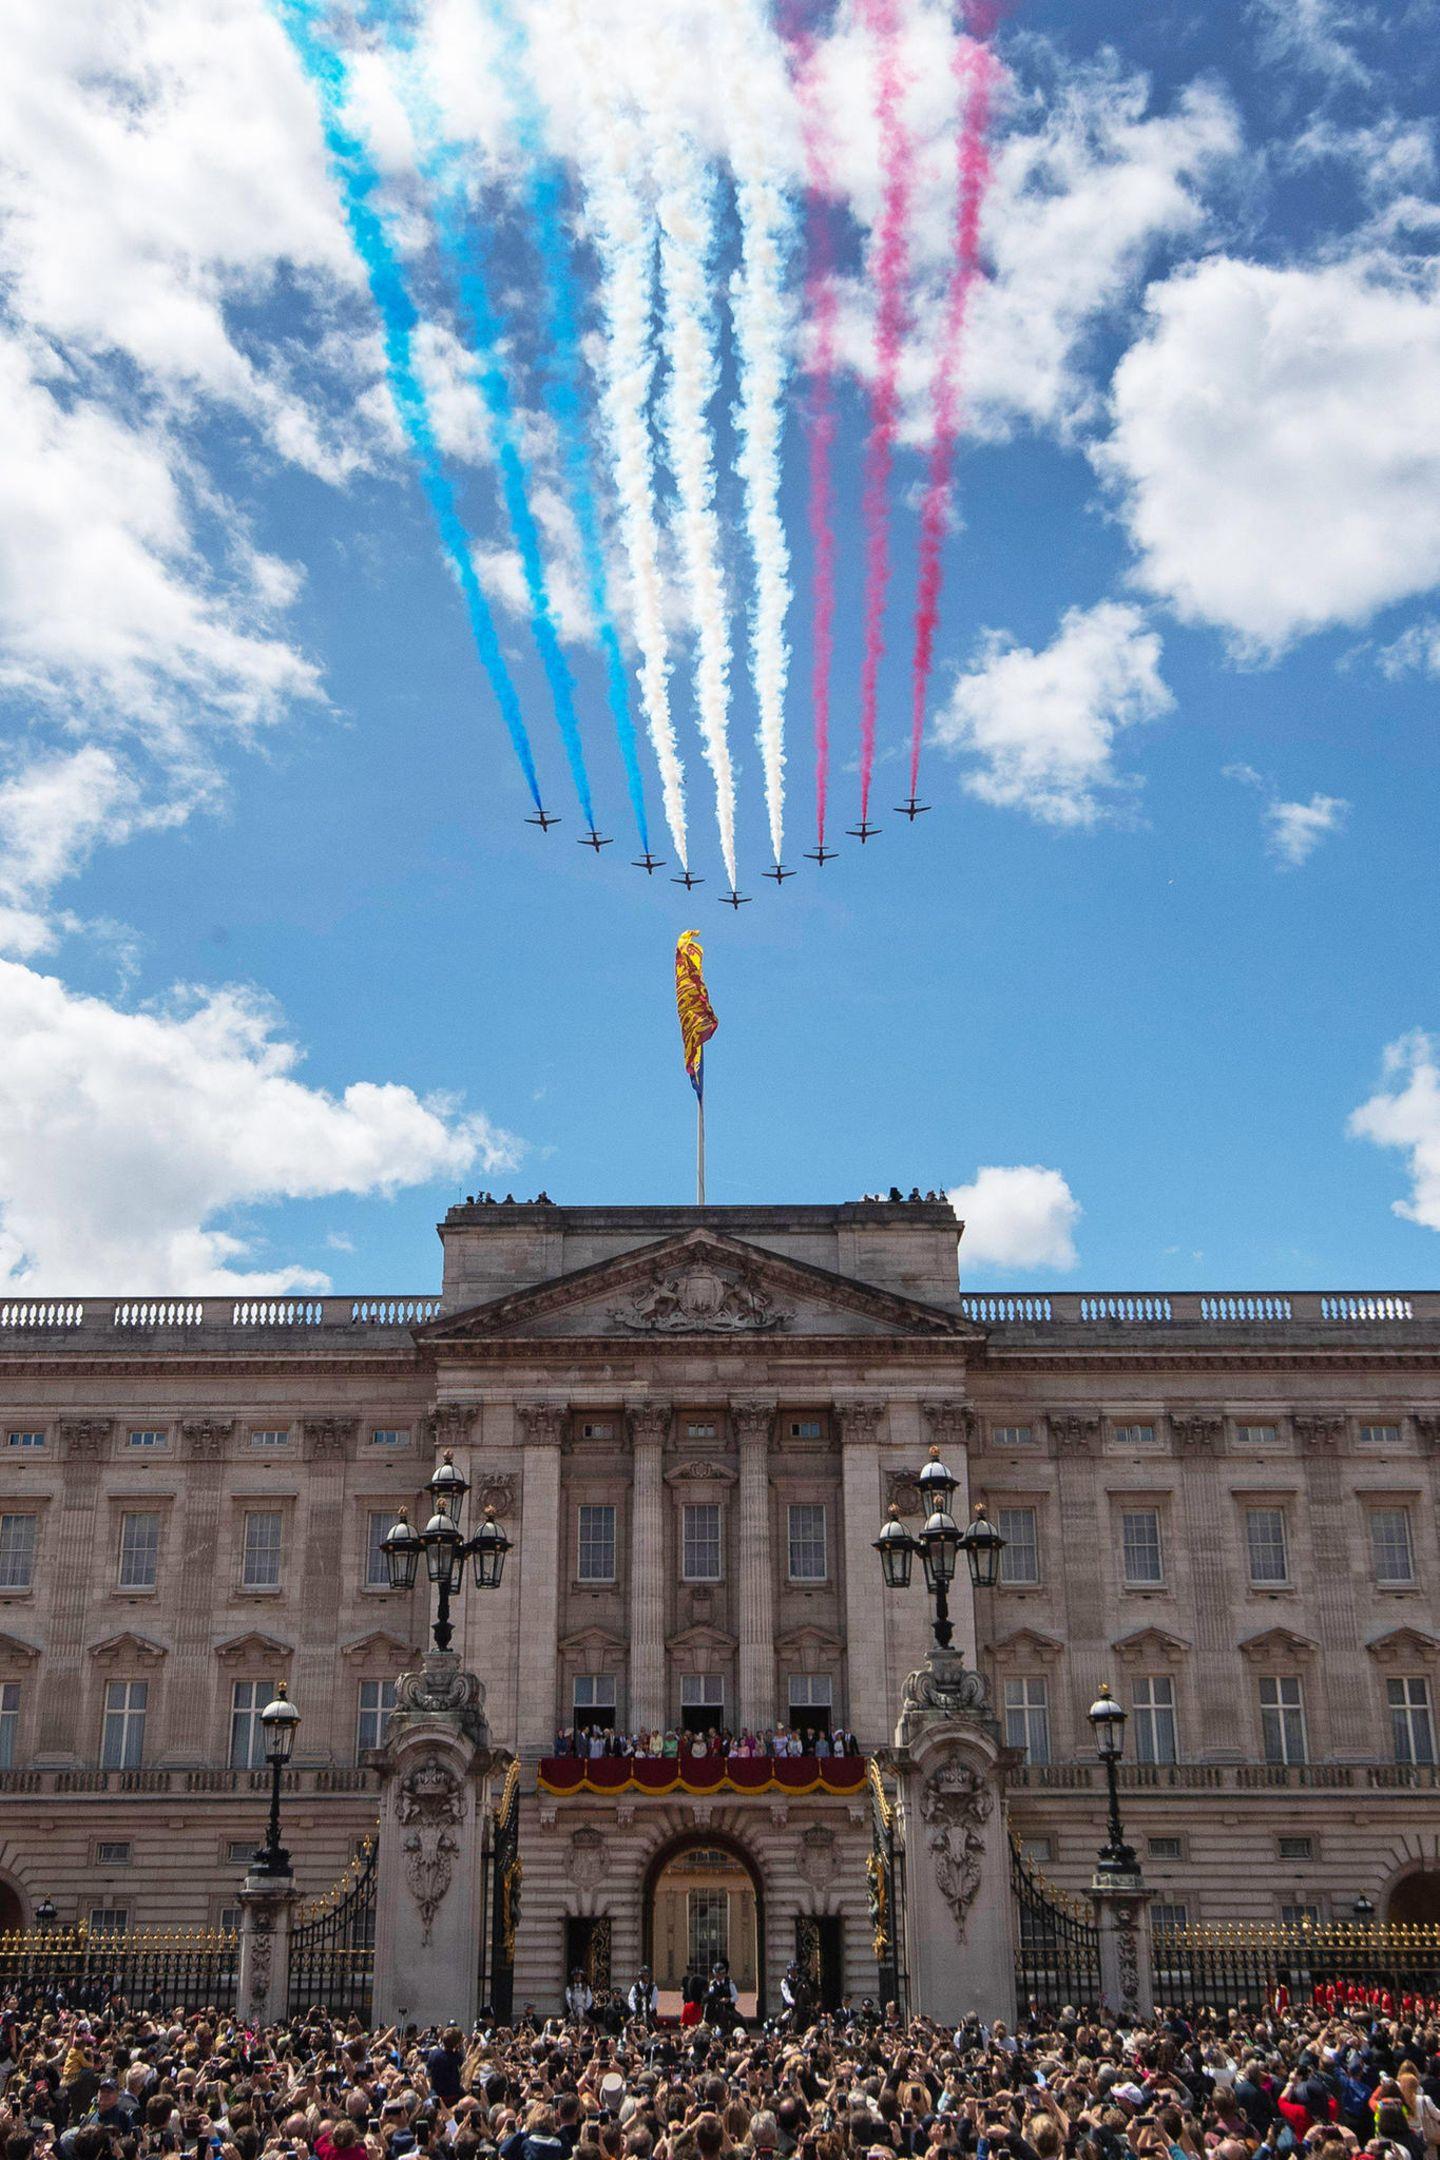 Der Überflug der RAF-Piloten ist immer wieder beeindruckend.